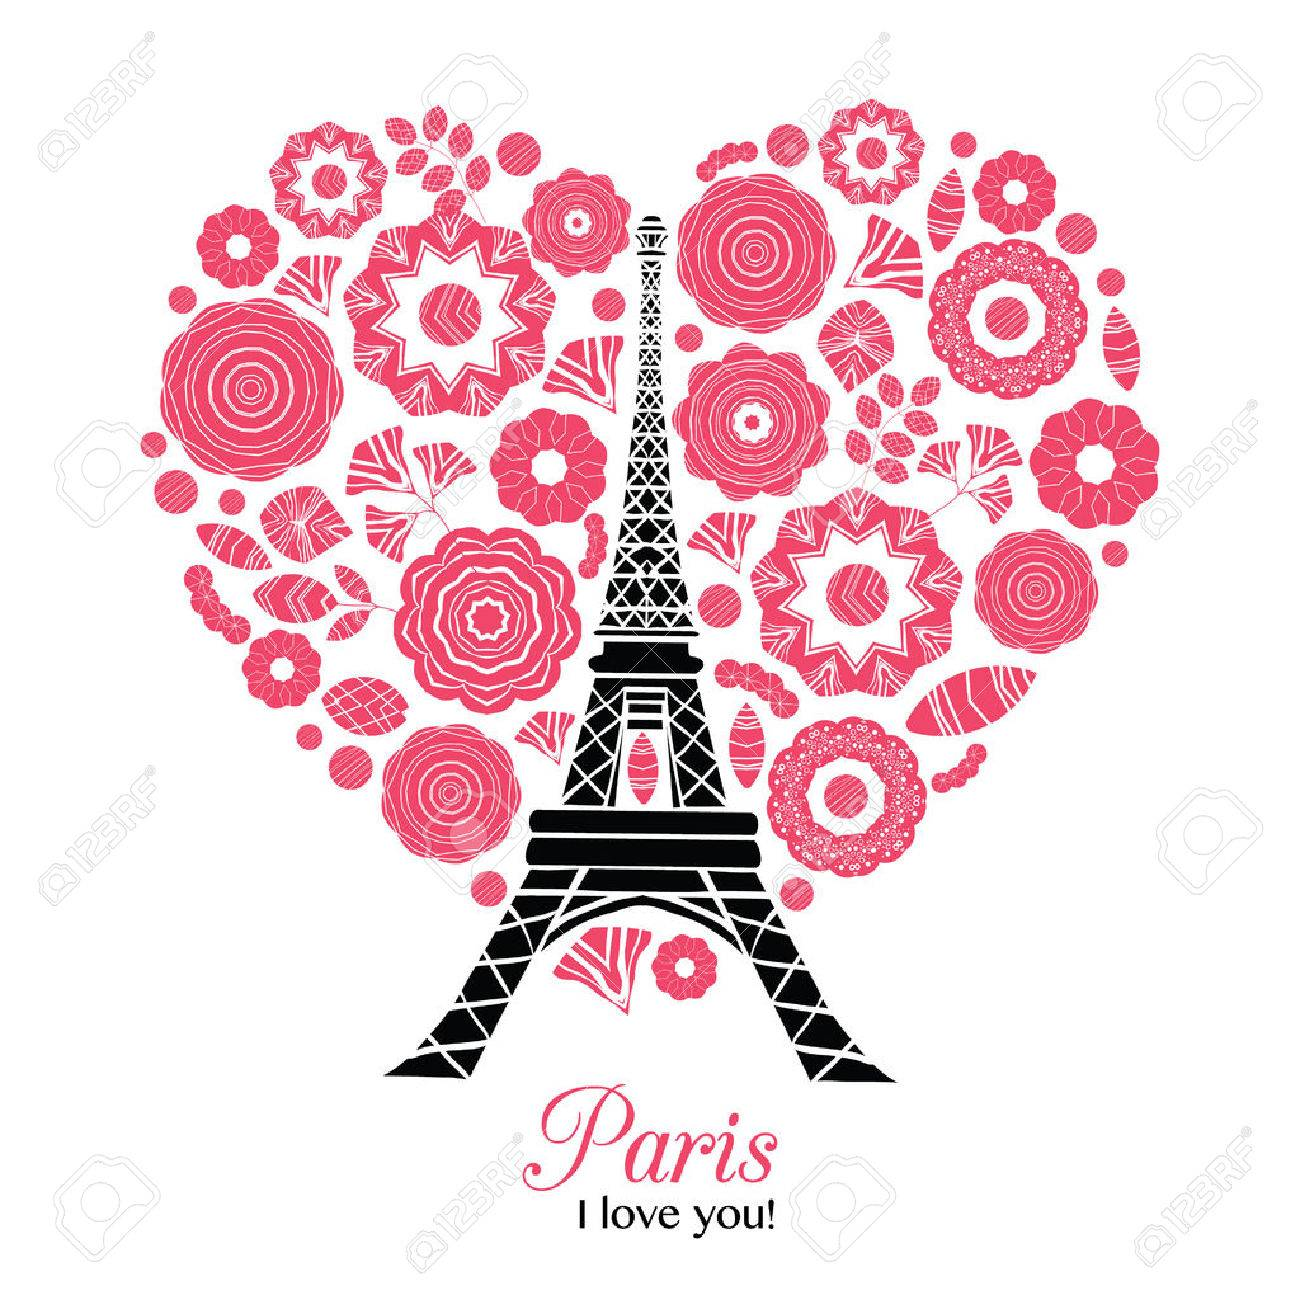 Fesselnd Vector Paris Eifelturm Bursting Mit St. Valentinstag Rote Herzen Der Liebe.  Perfekt Für Reisen